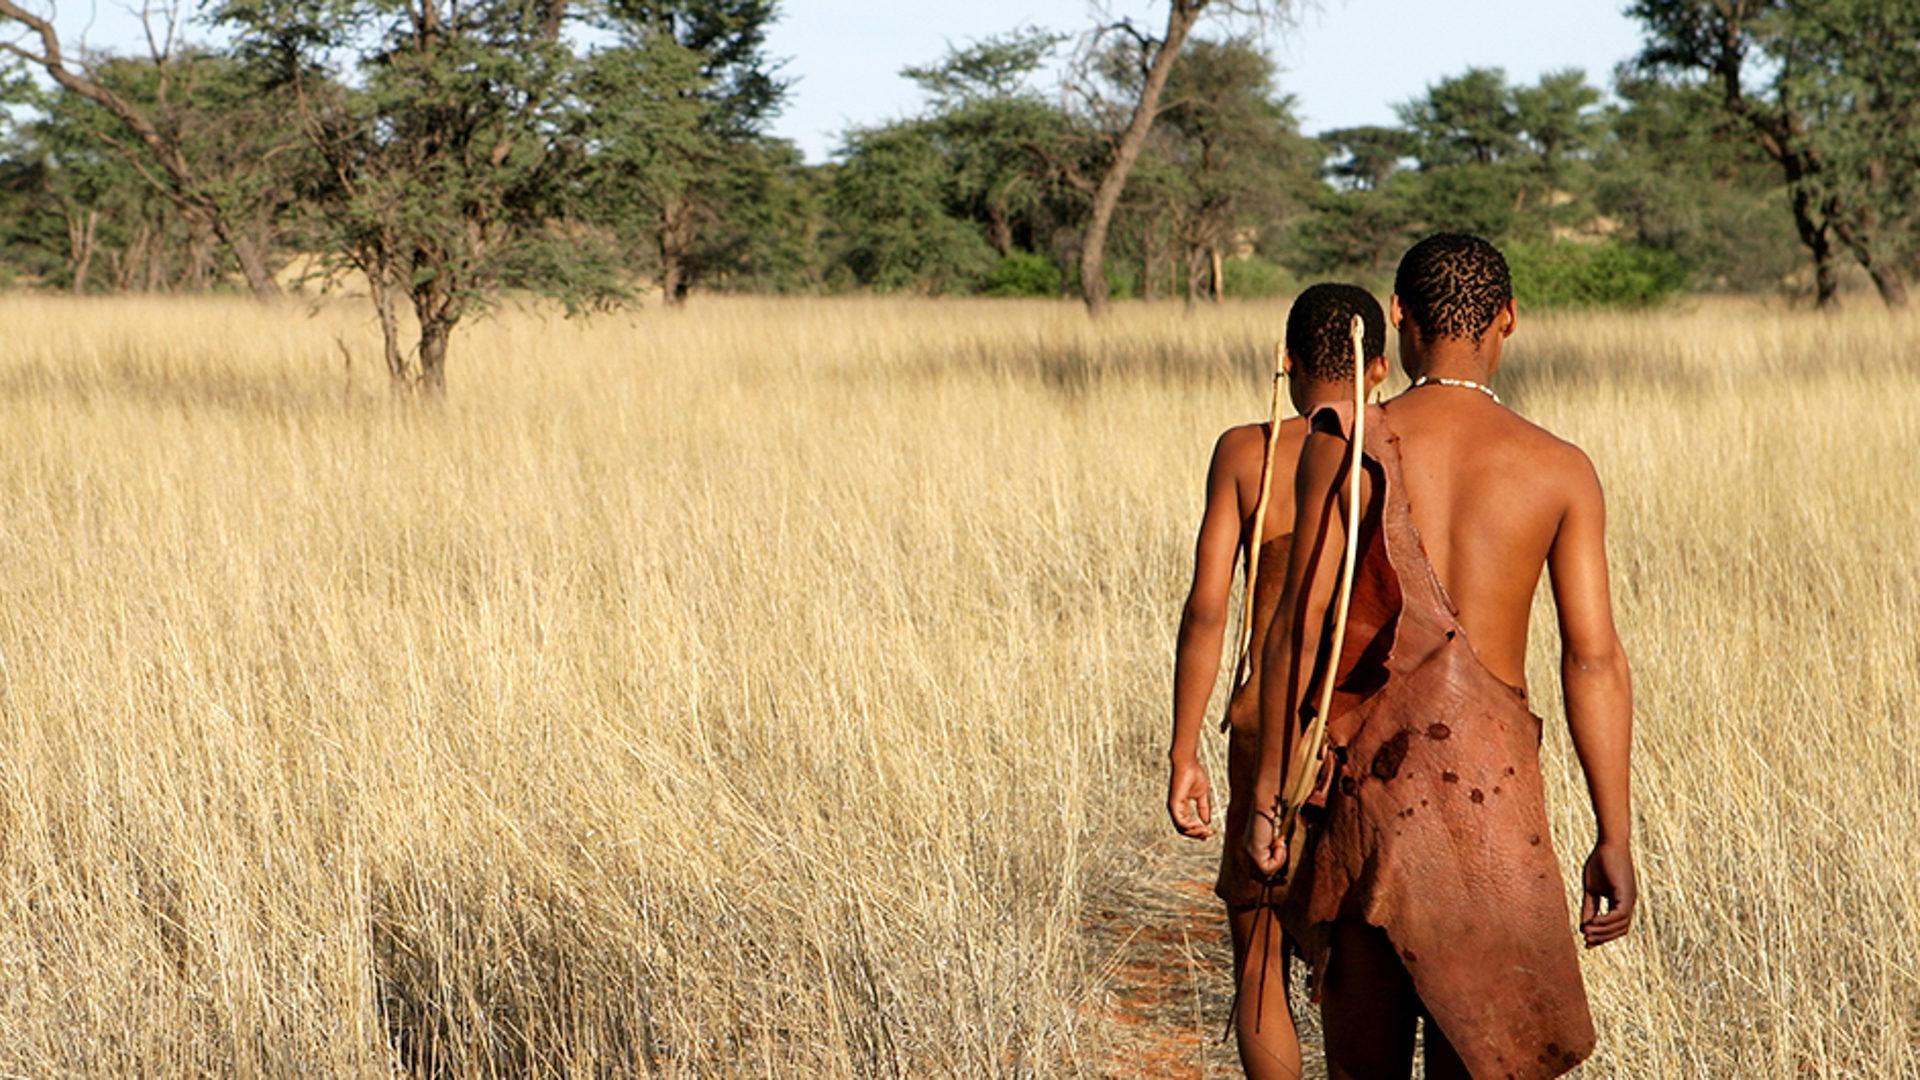 rencontres chrétiennes en Namibie local gratuit datant du Royaume-Uni